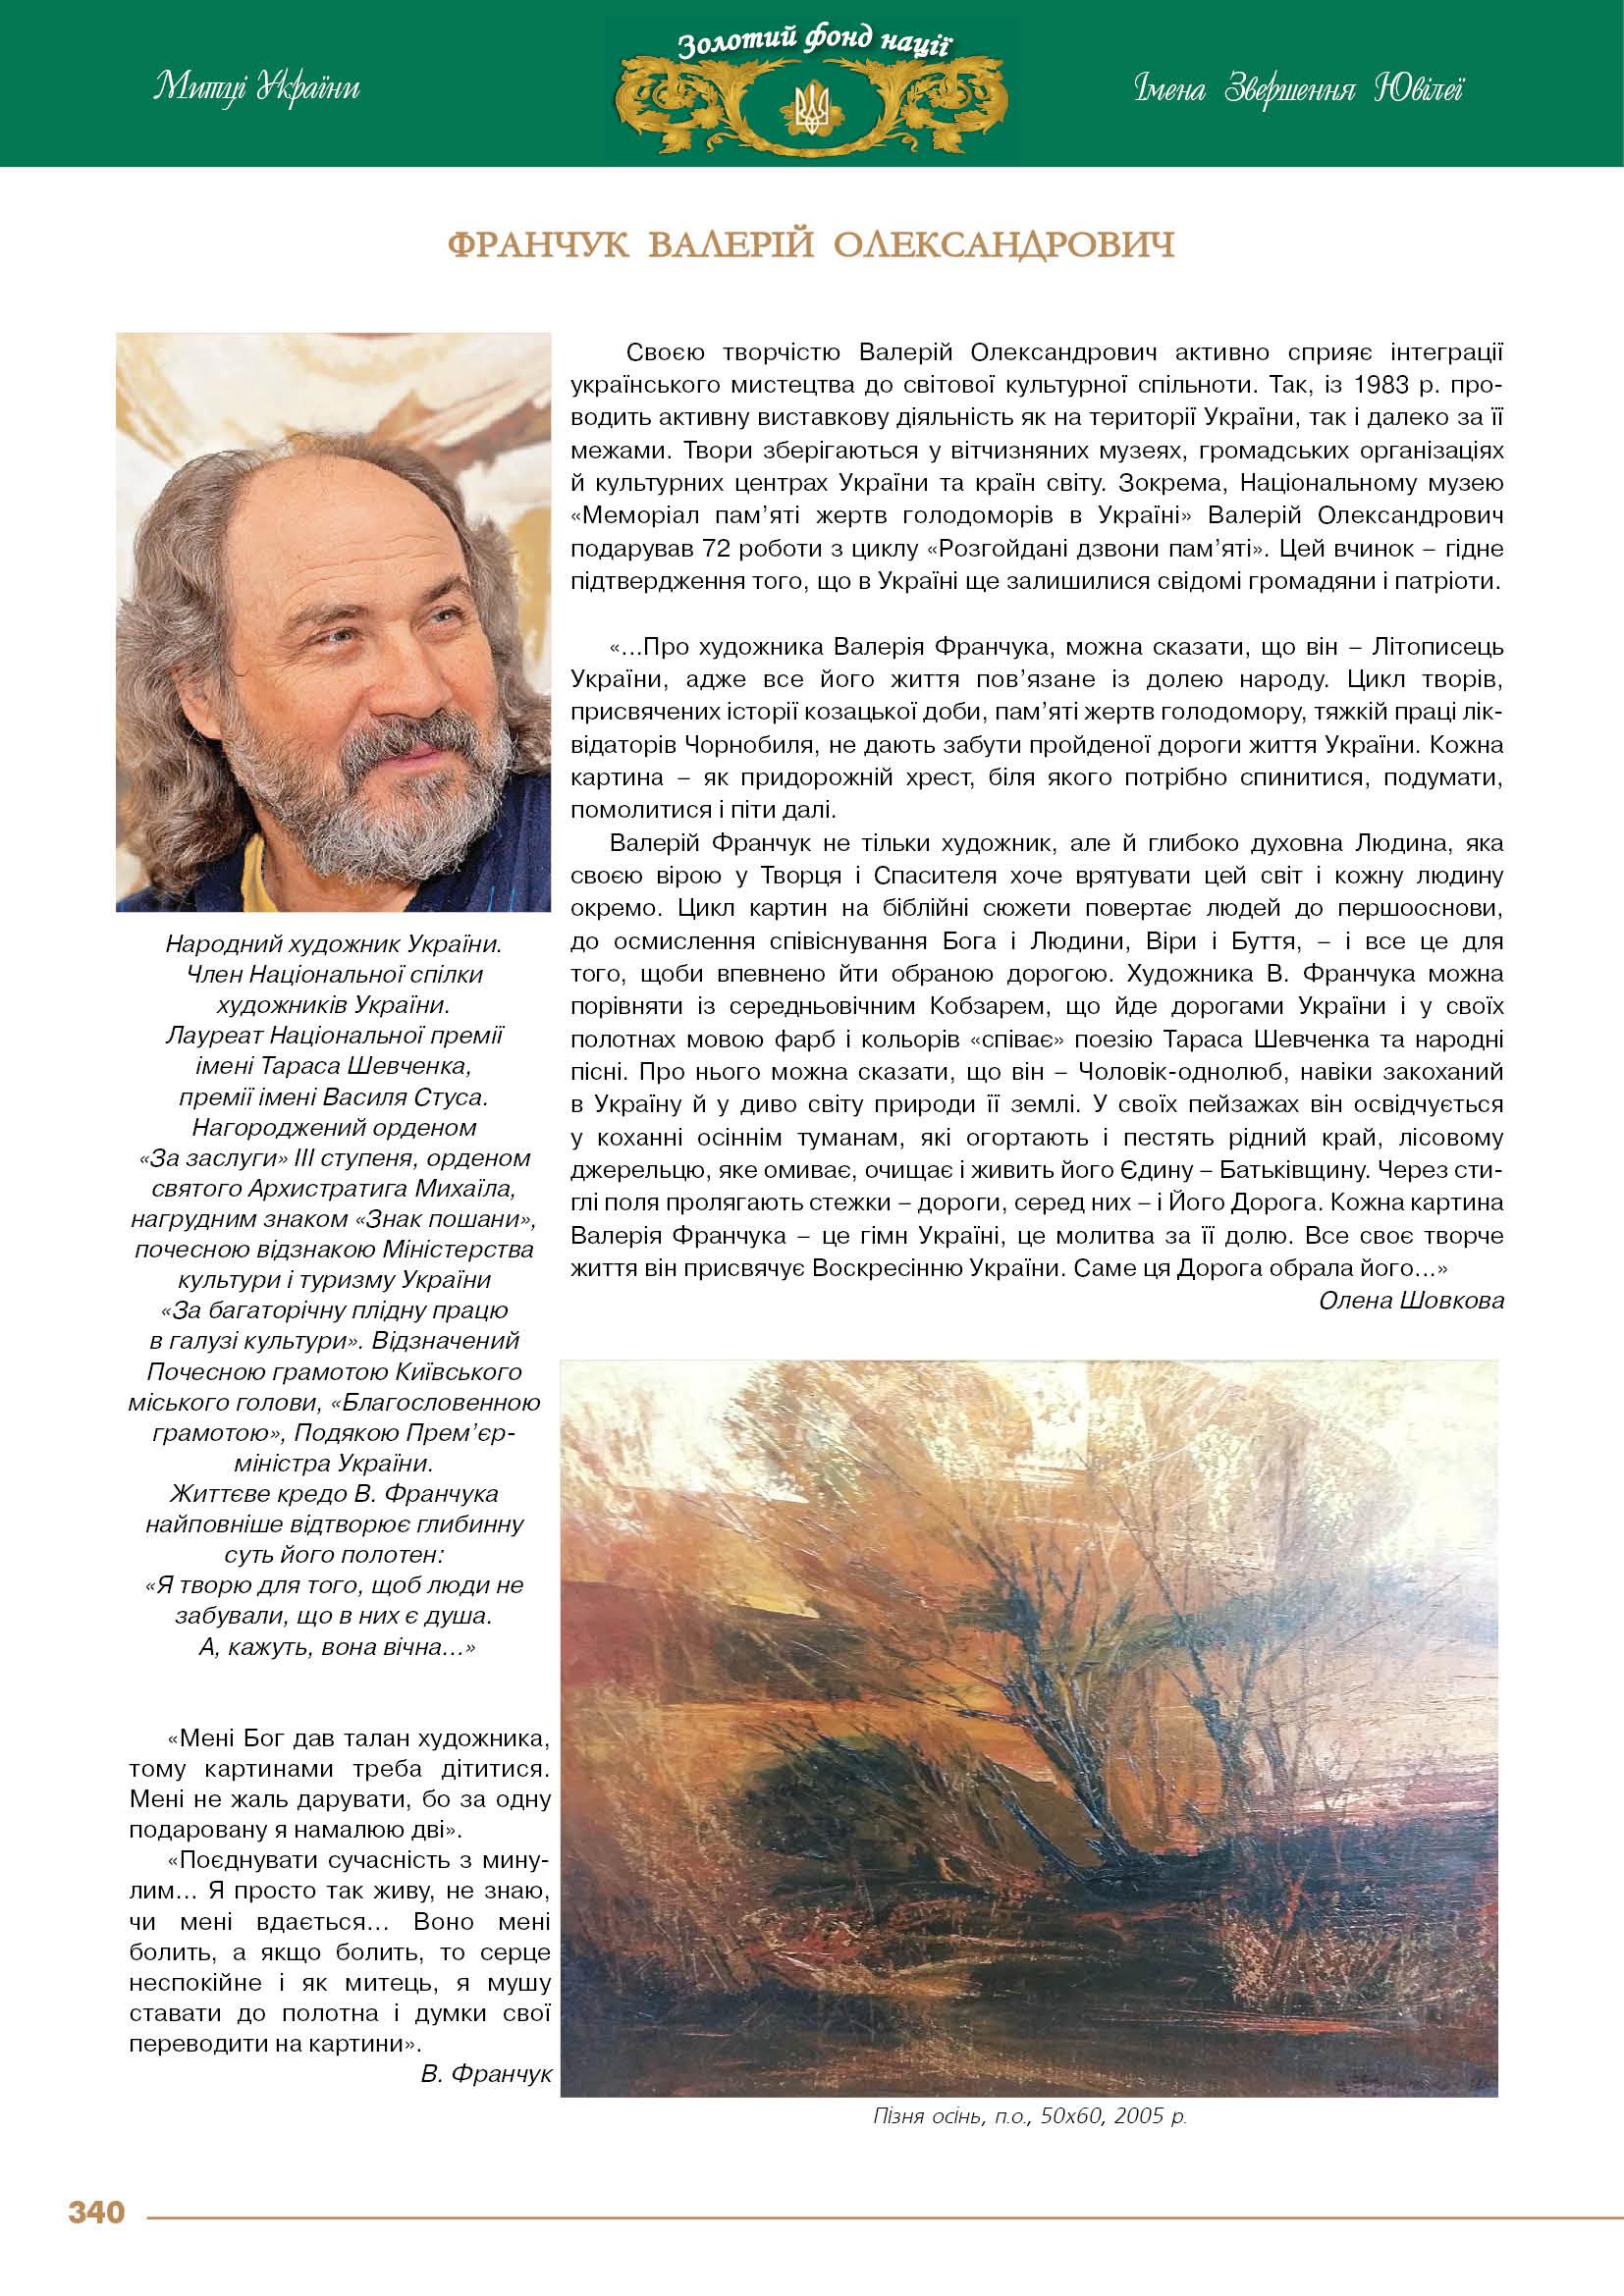 Франчук Валерій Олександрович